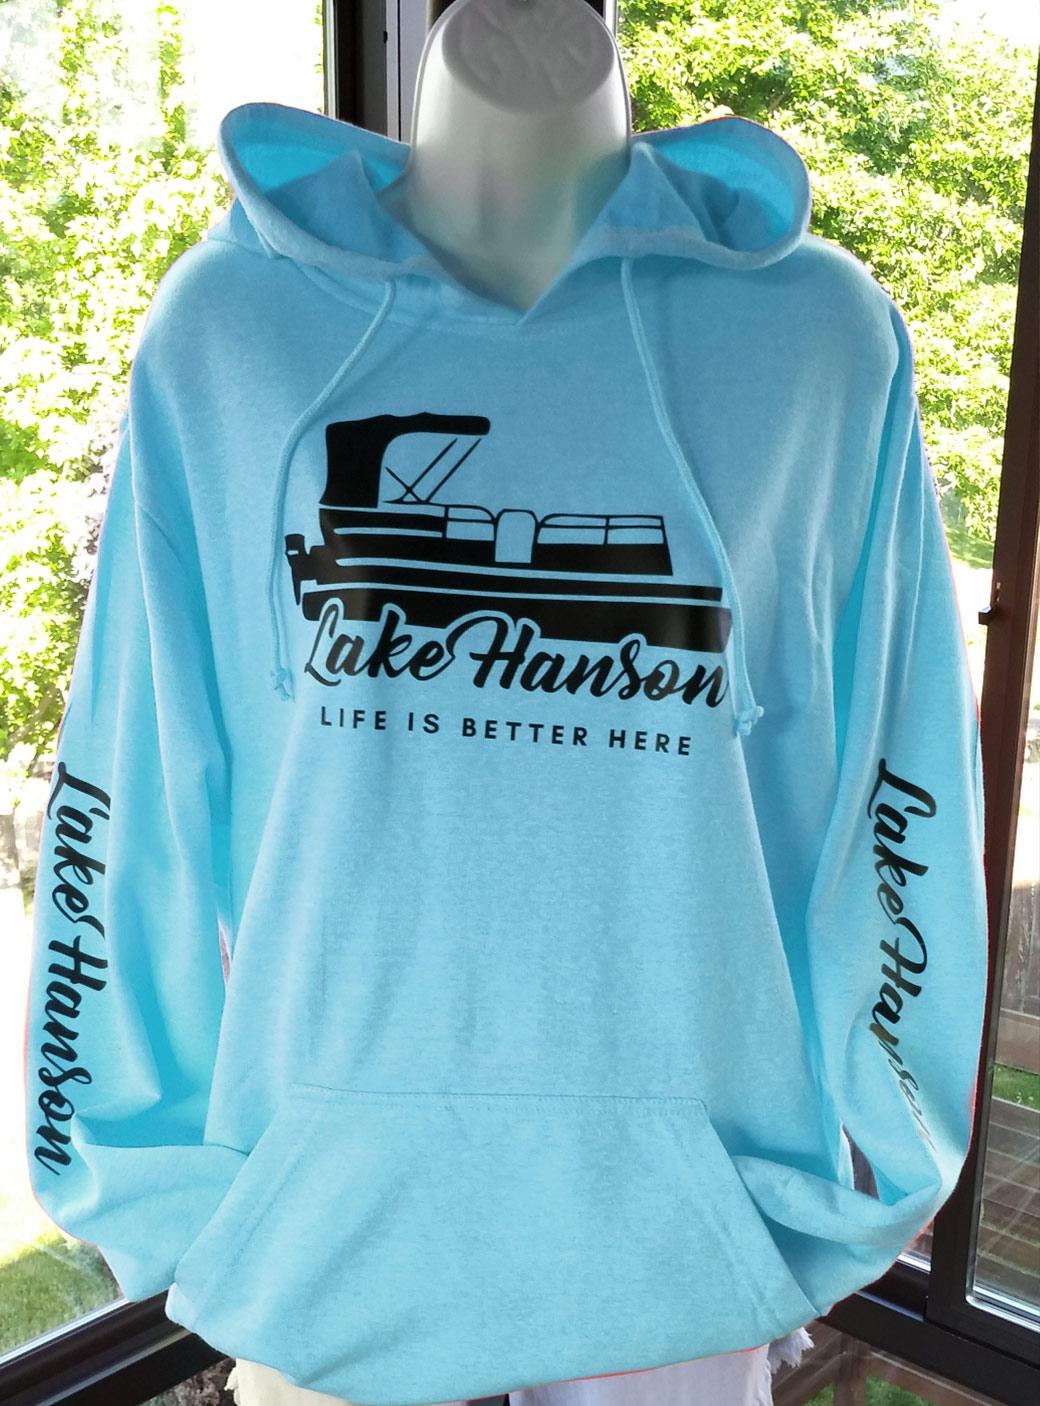 Lake Hanson Fleece Sweatshirt - Hoodie, Pullover blue pool